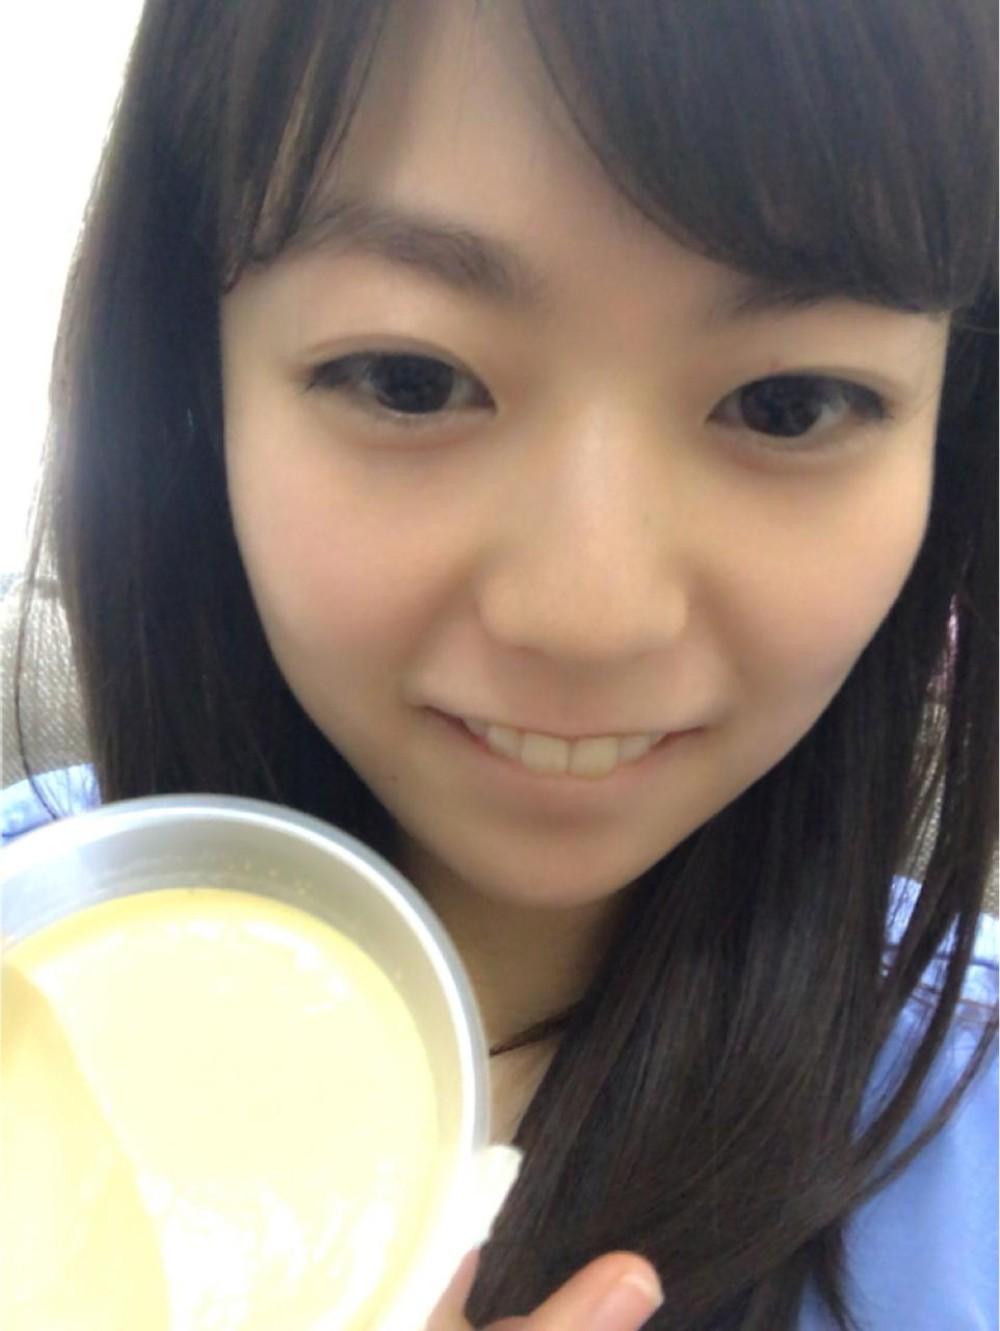 芳本実衣菜(芳本実衣菜 )